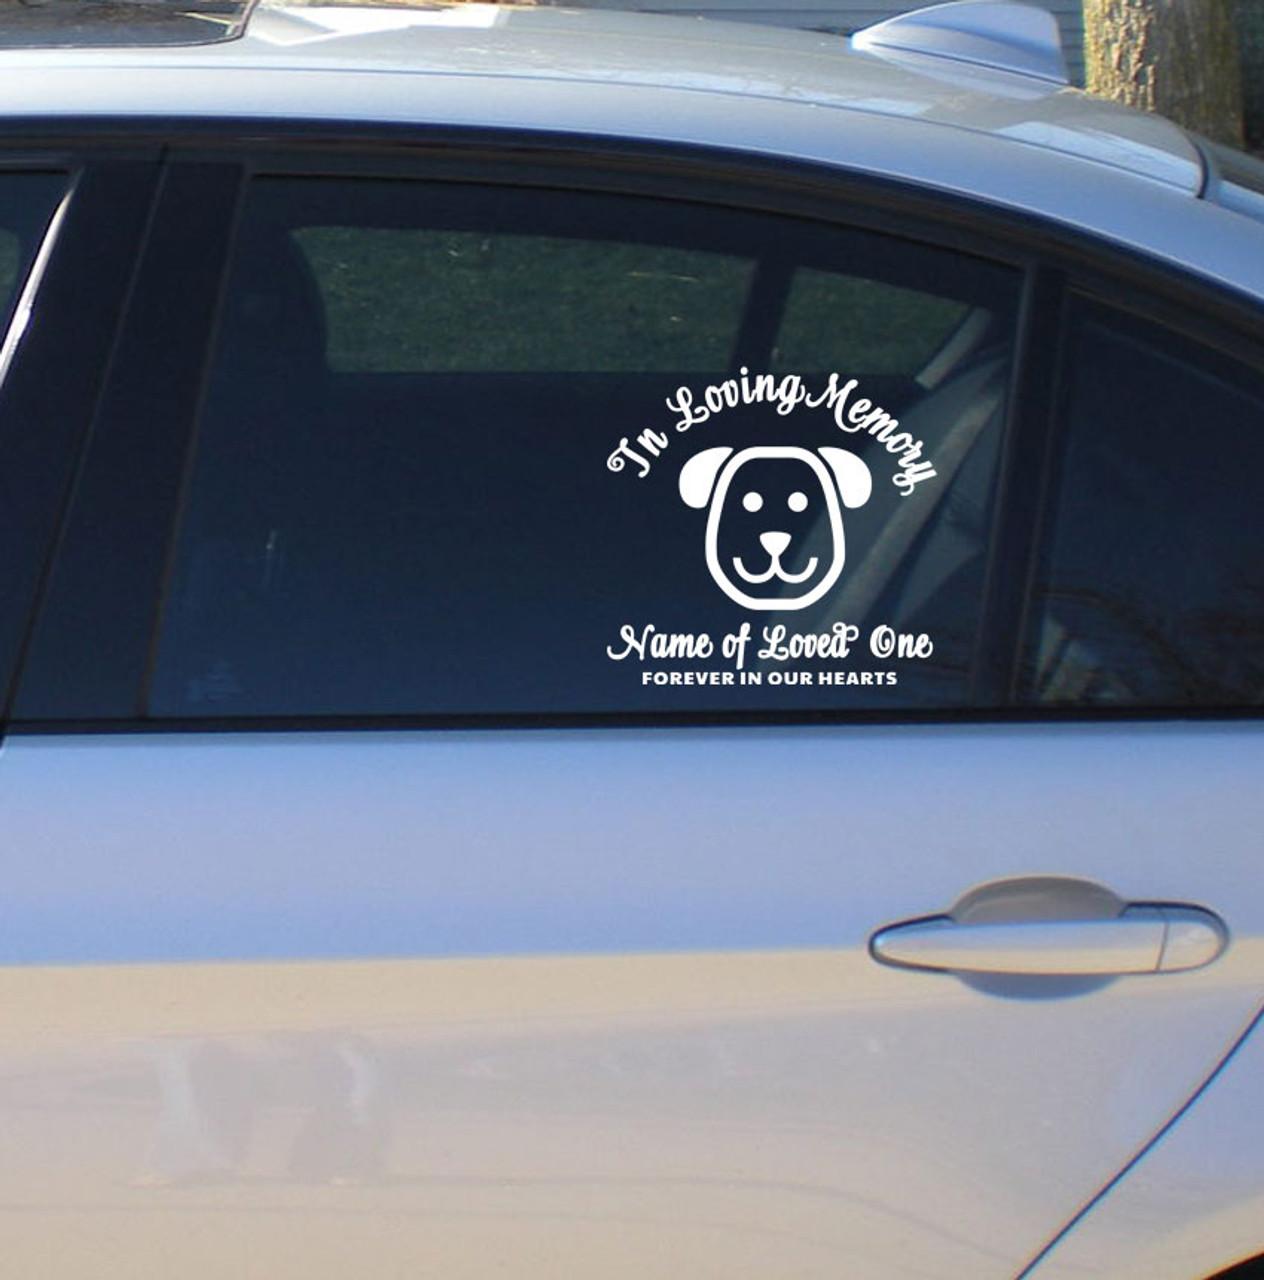 In Loving Memory Car Decals >> Dog In Loving Memory Car Decal